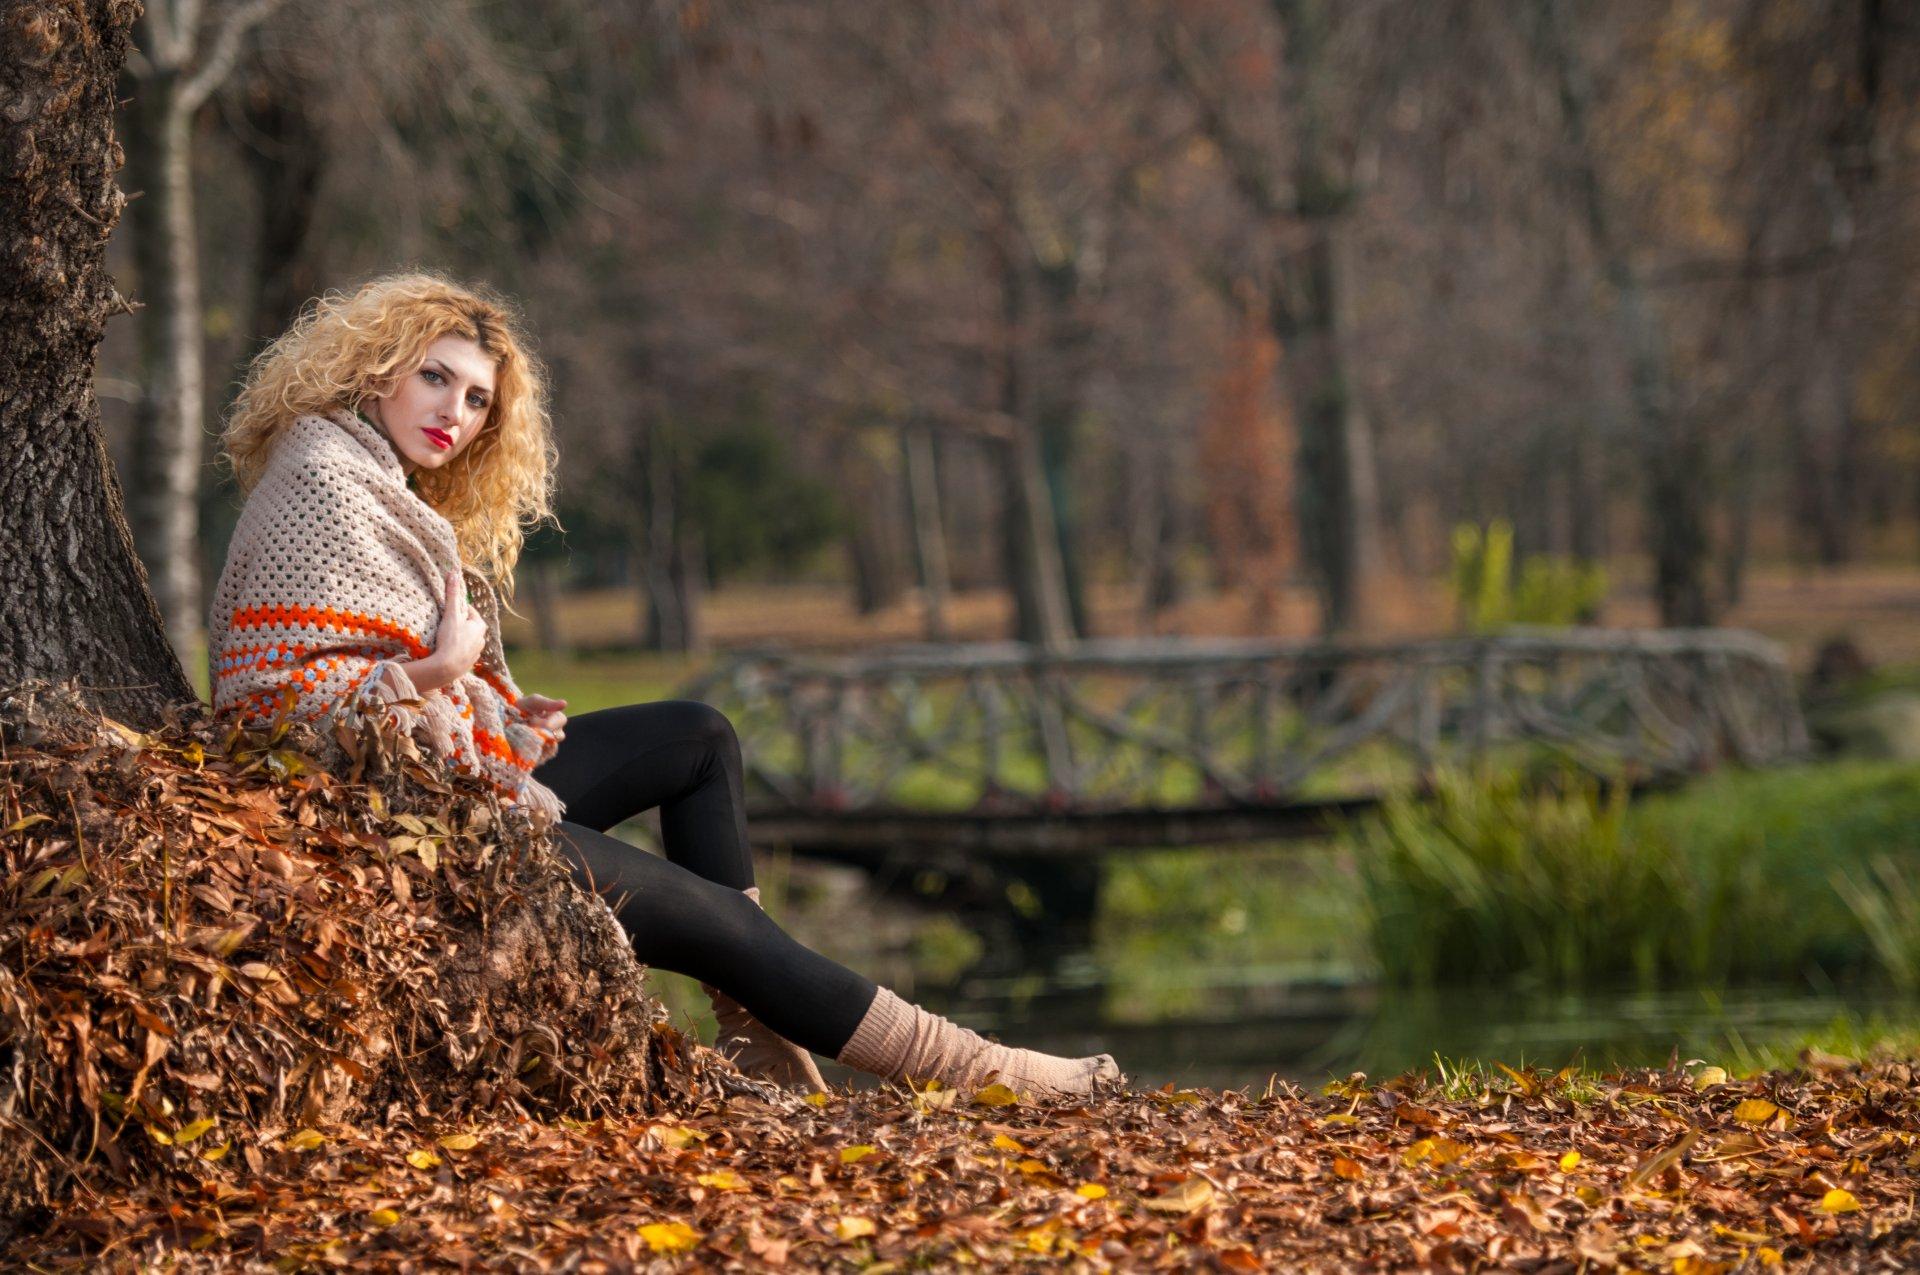 В парке блондинка очень